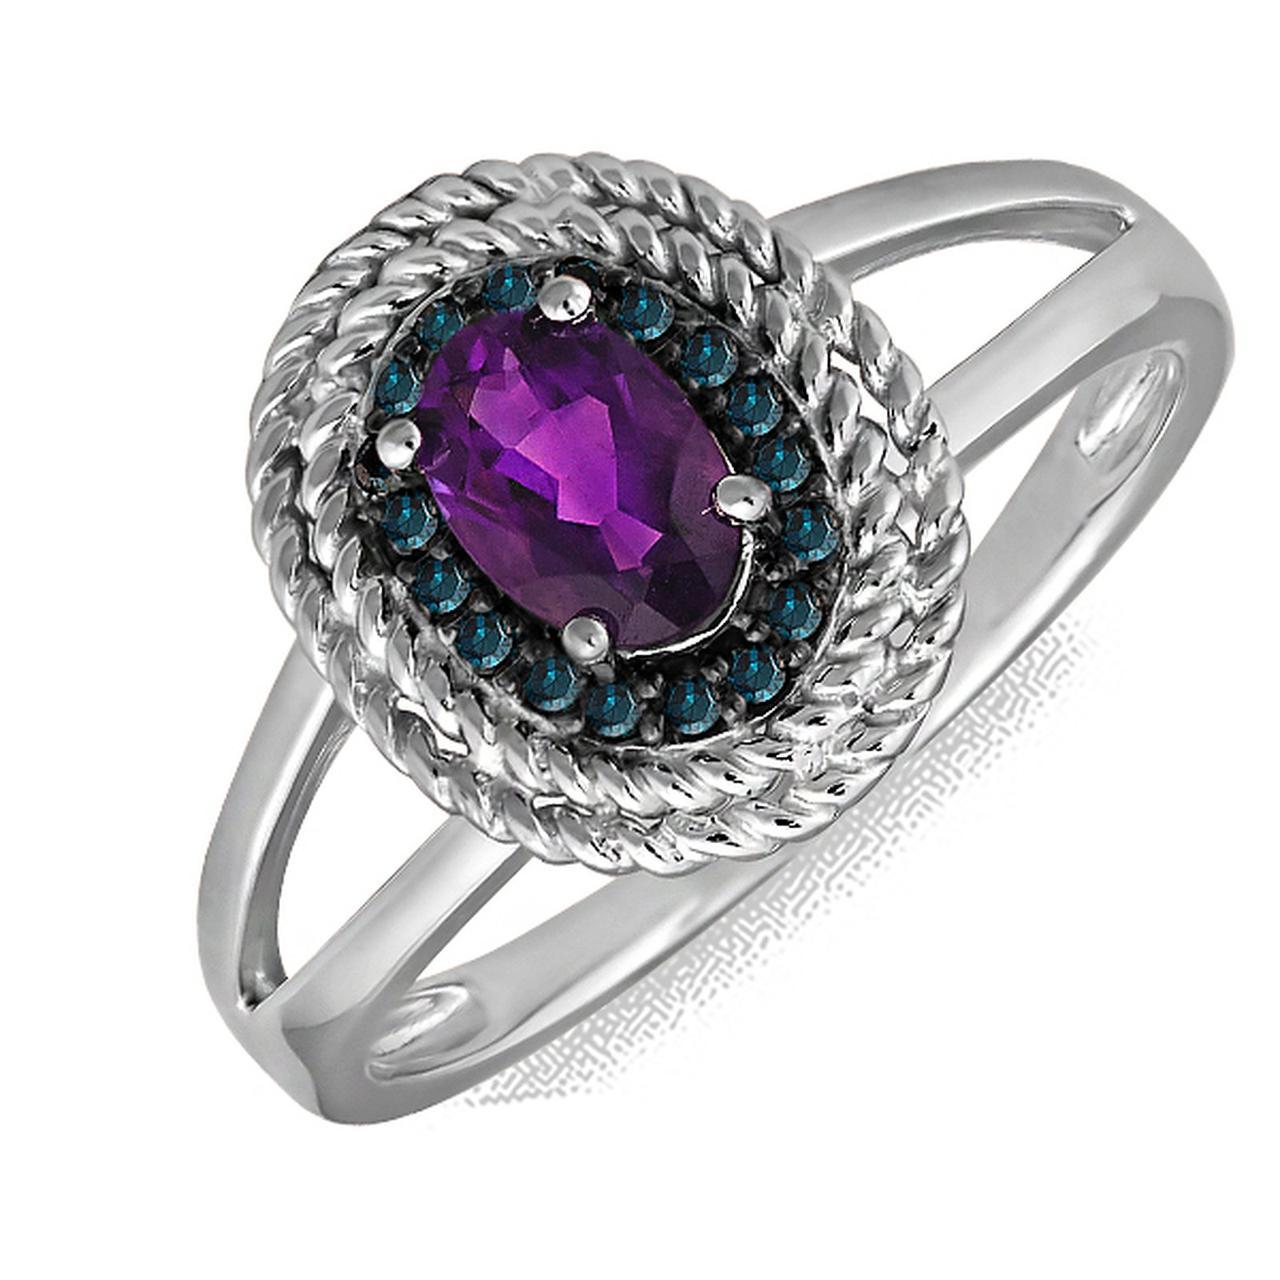 Золотое кольцо с аметистом и бриллиантами, размер 19 (078713)